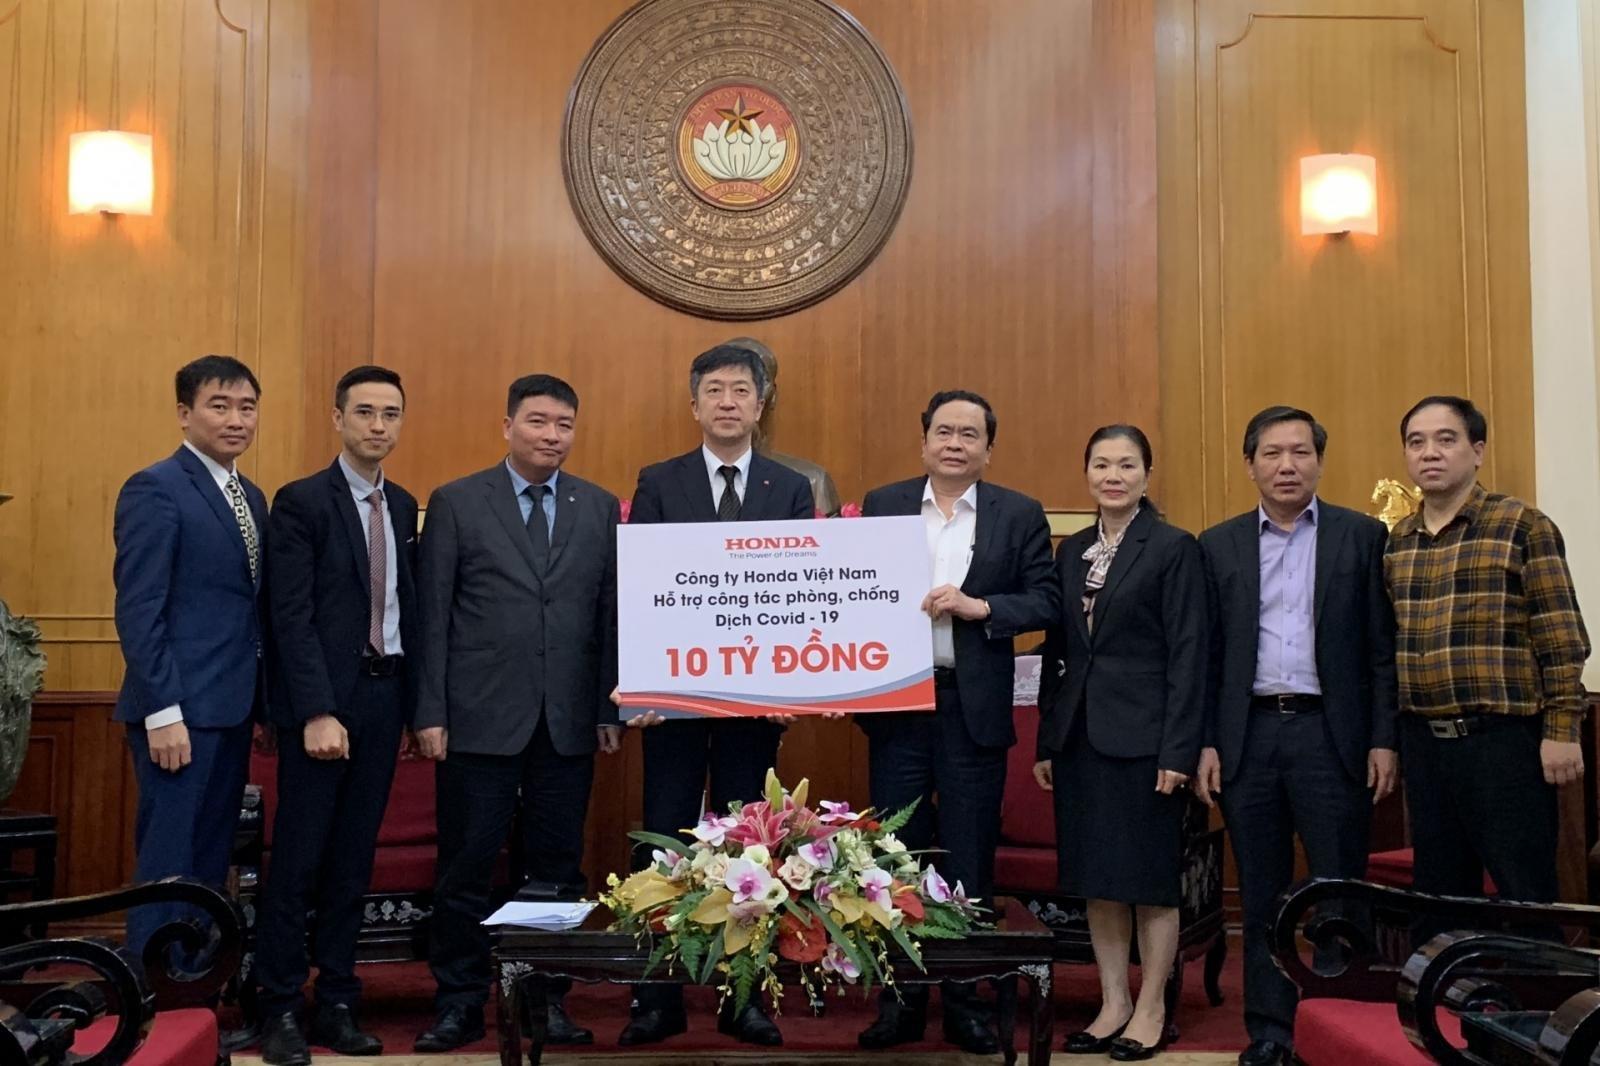 Từ ngày 1/4, Honda Việt Nam tạm dừng sản xuất trong 15 ngày để phòng chống dịch Covid-19fgj